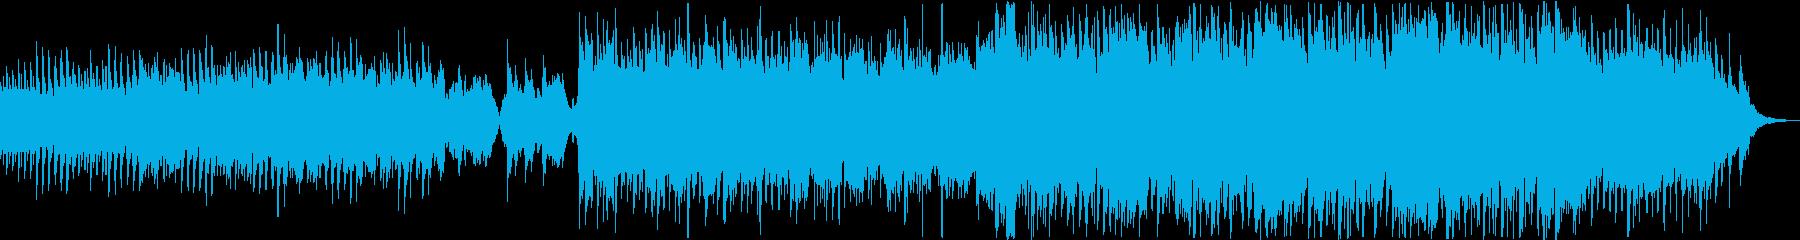 力強い尺八/和風の壮大重厚な曲 の再生済みの波形